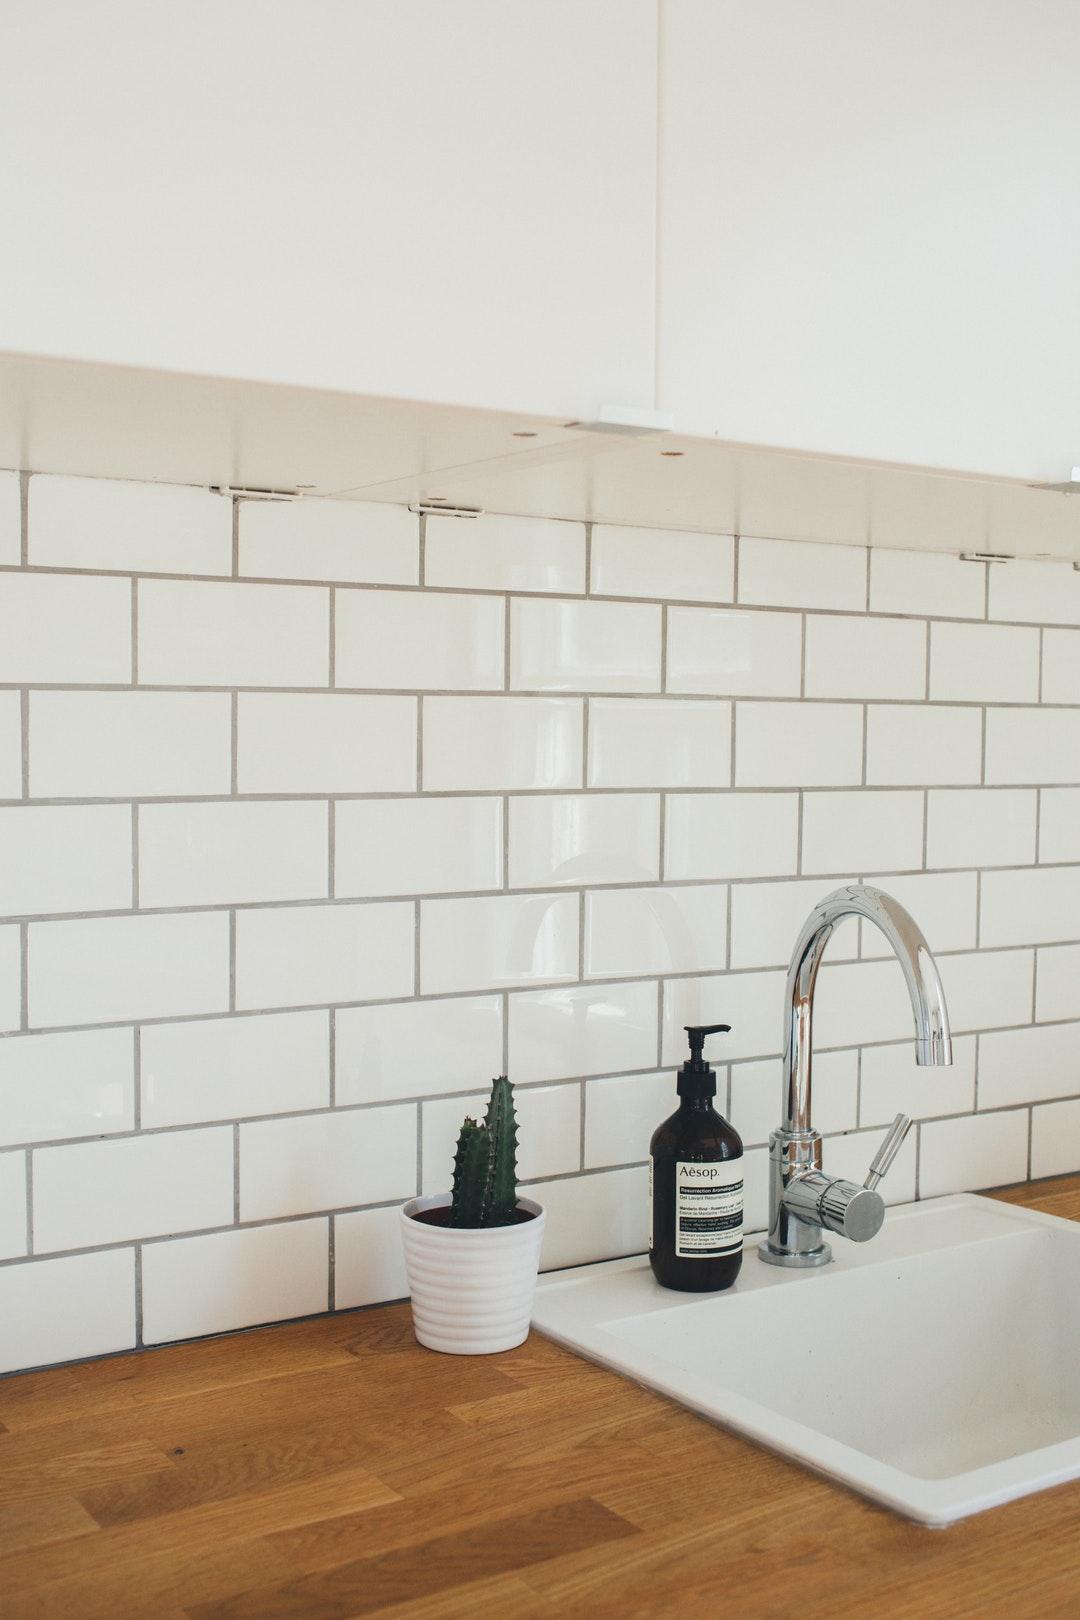 - 10 Kitchen Backsplash Tile Trends For 2019 - BELK Tile